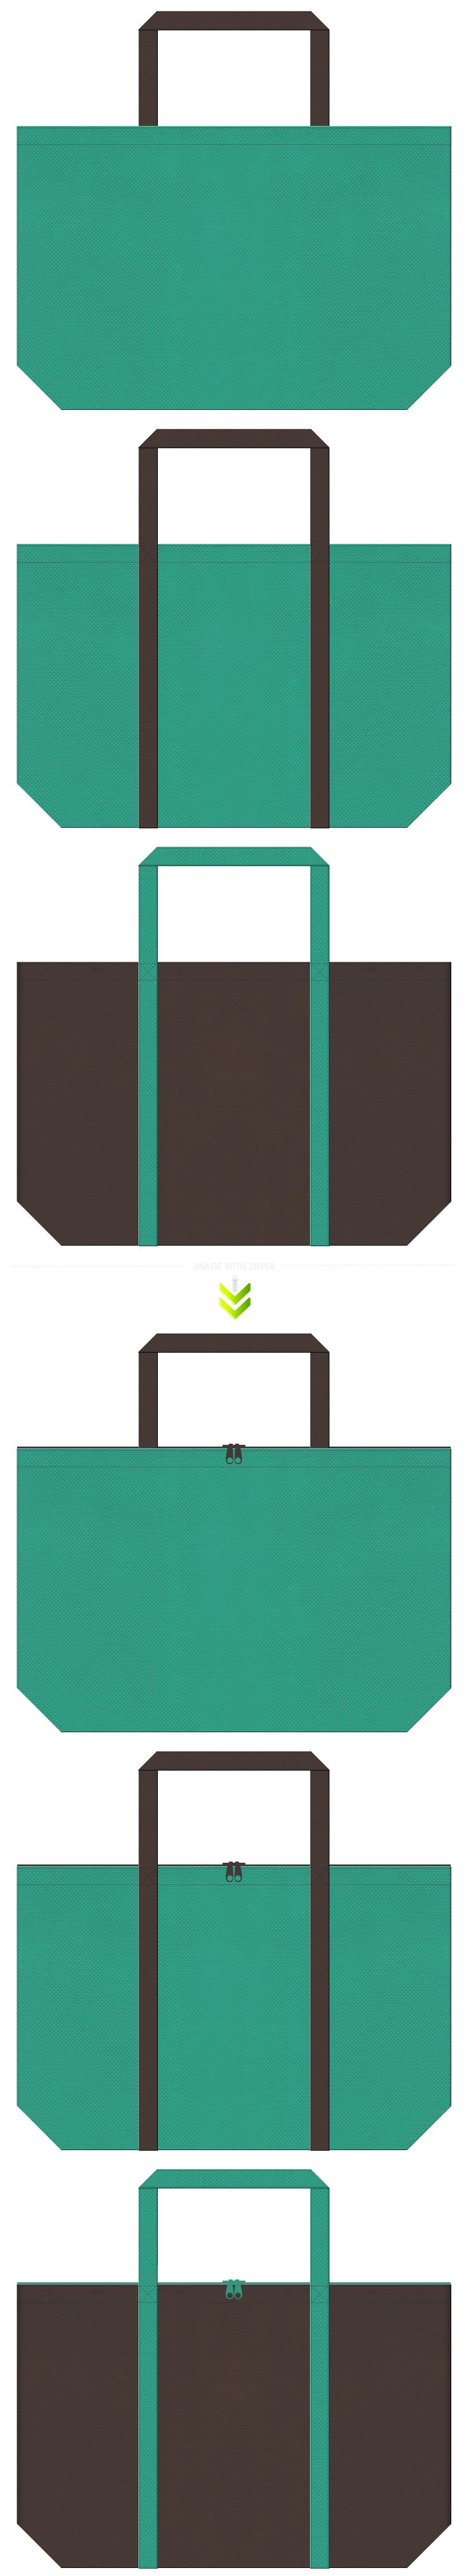 青緑色とこげ茶色の不織布エコバッグデザイン。ランドリーバッグにお奨めです。